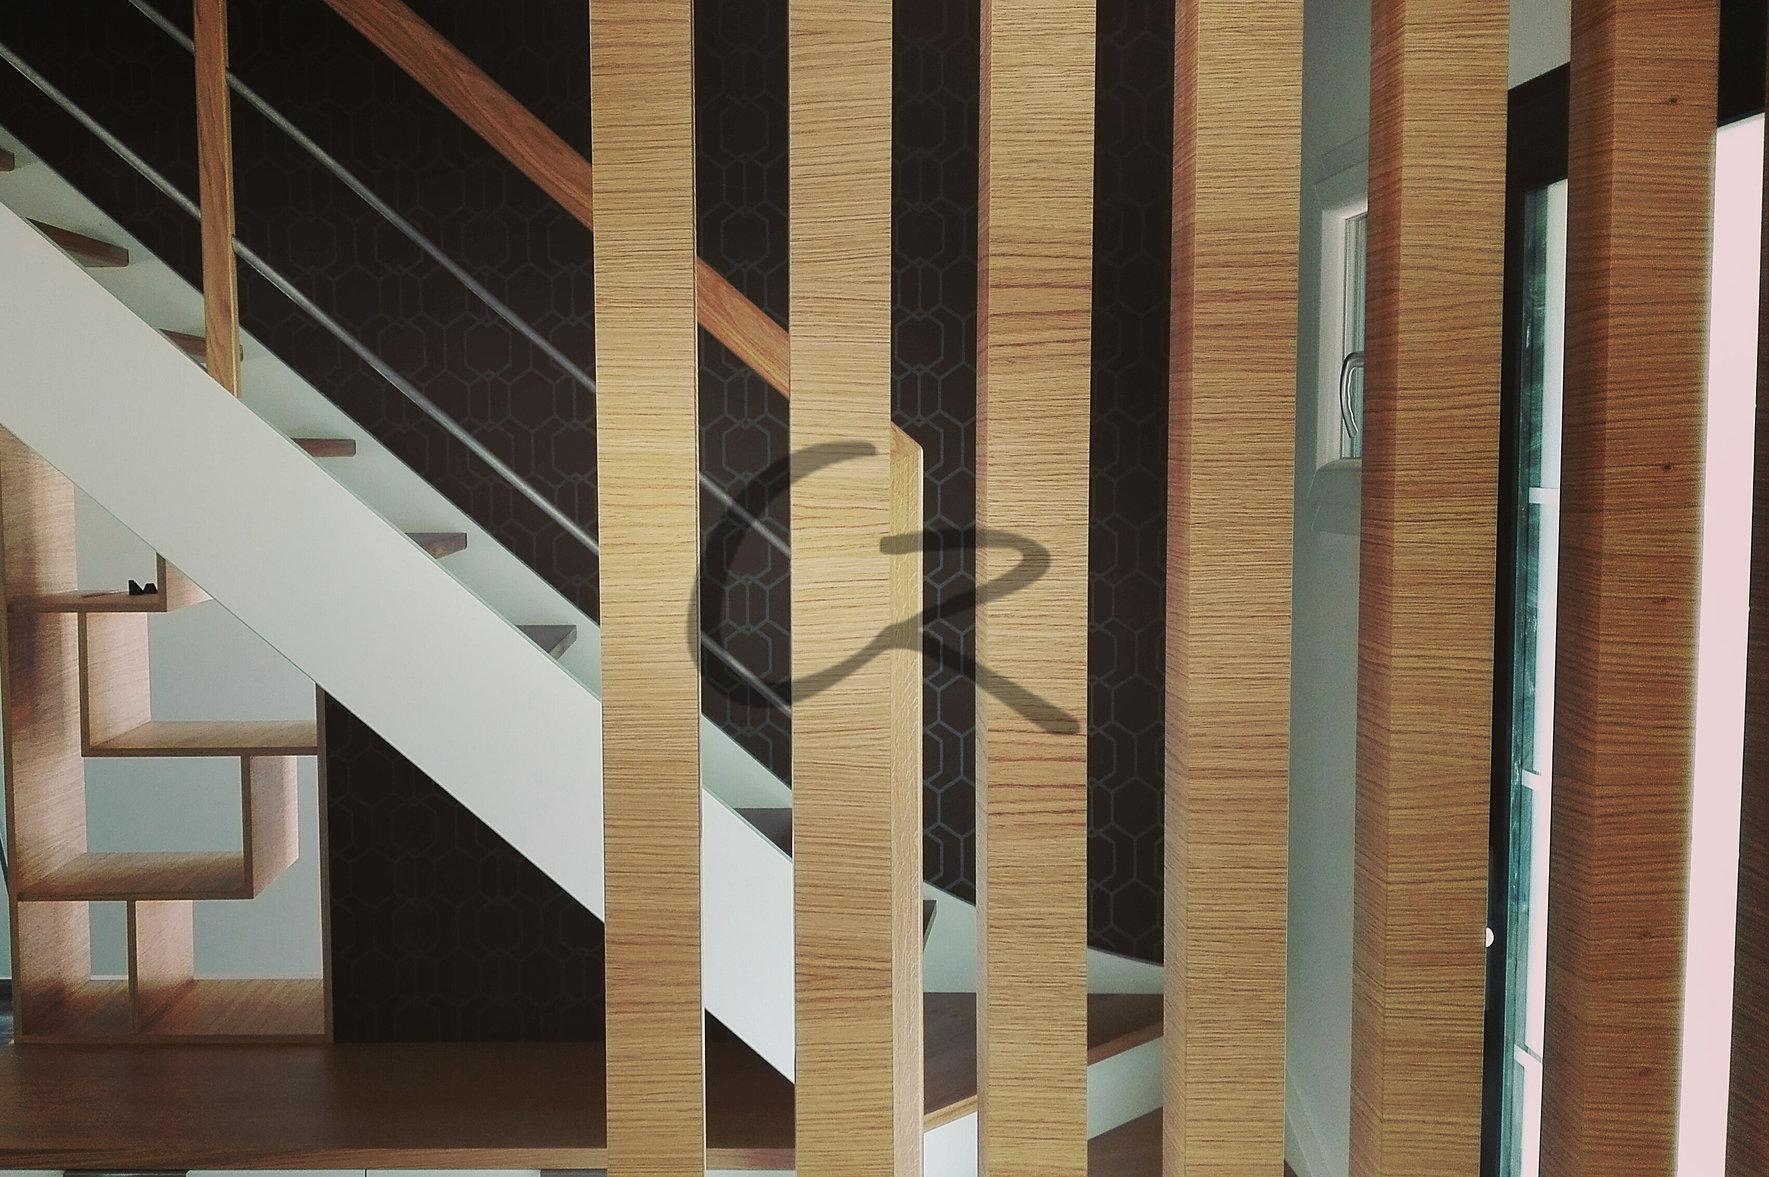 architecte maine et loire - 28 images - agence rdb architectes